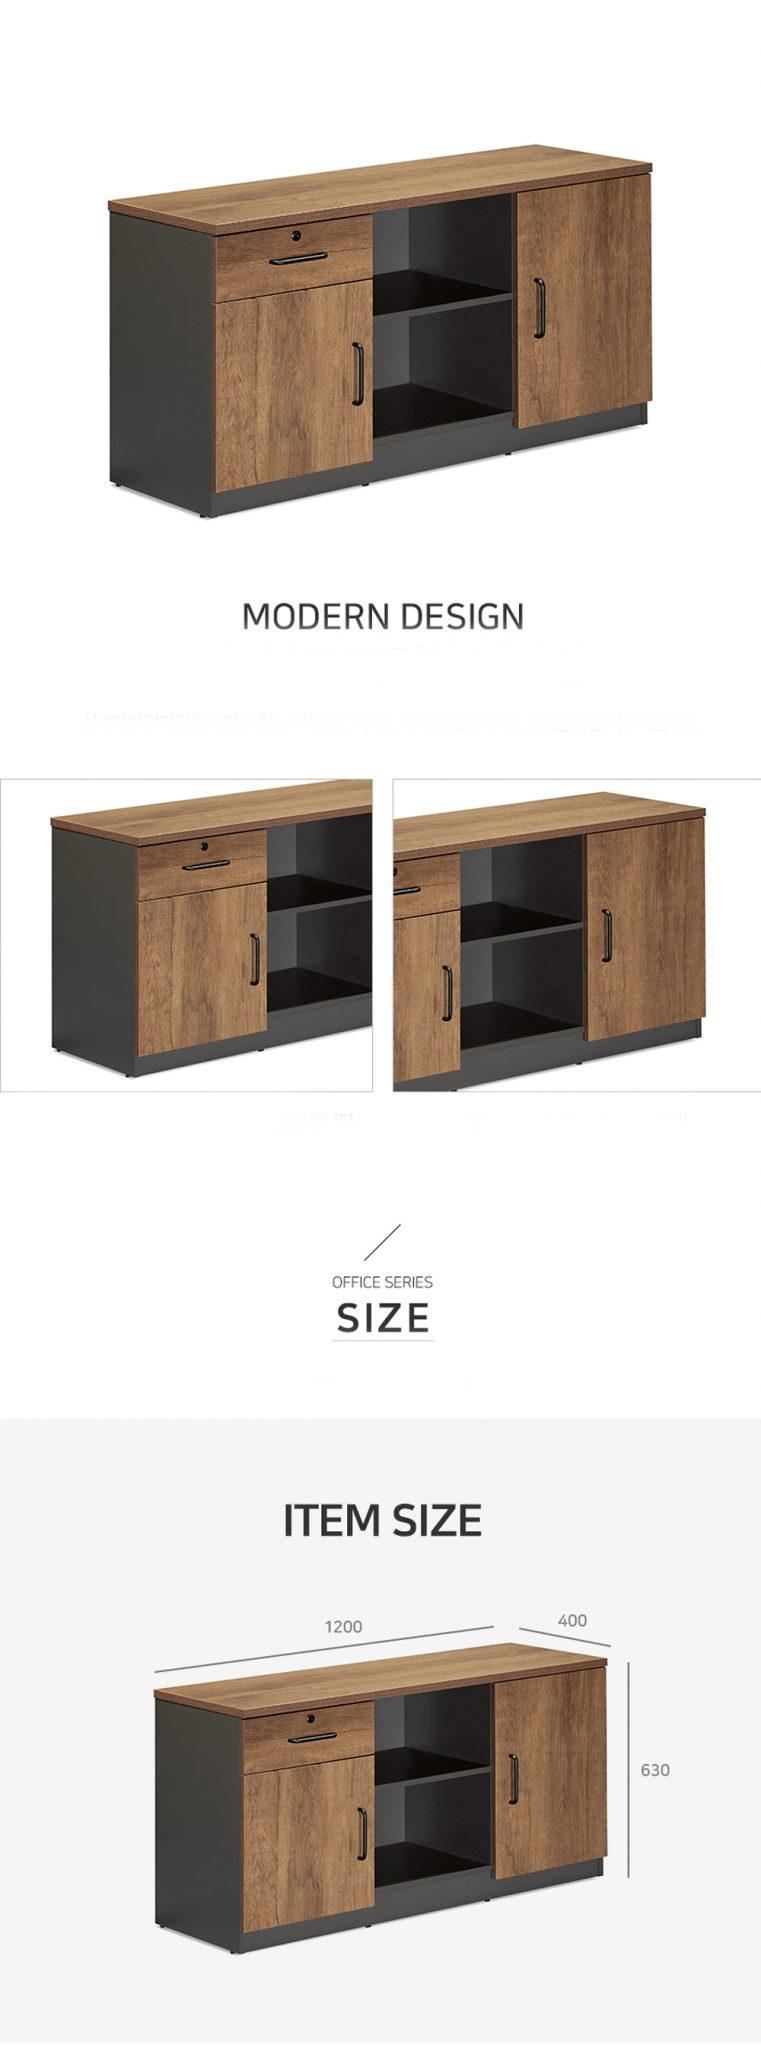 Tủ phân ngăn rõ ràng, có cánh tủ cất giữ tài liệu lâu dài.